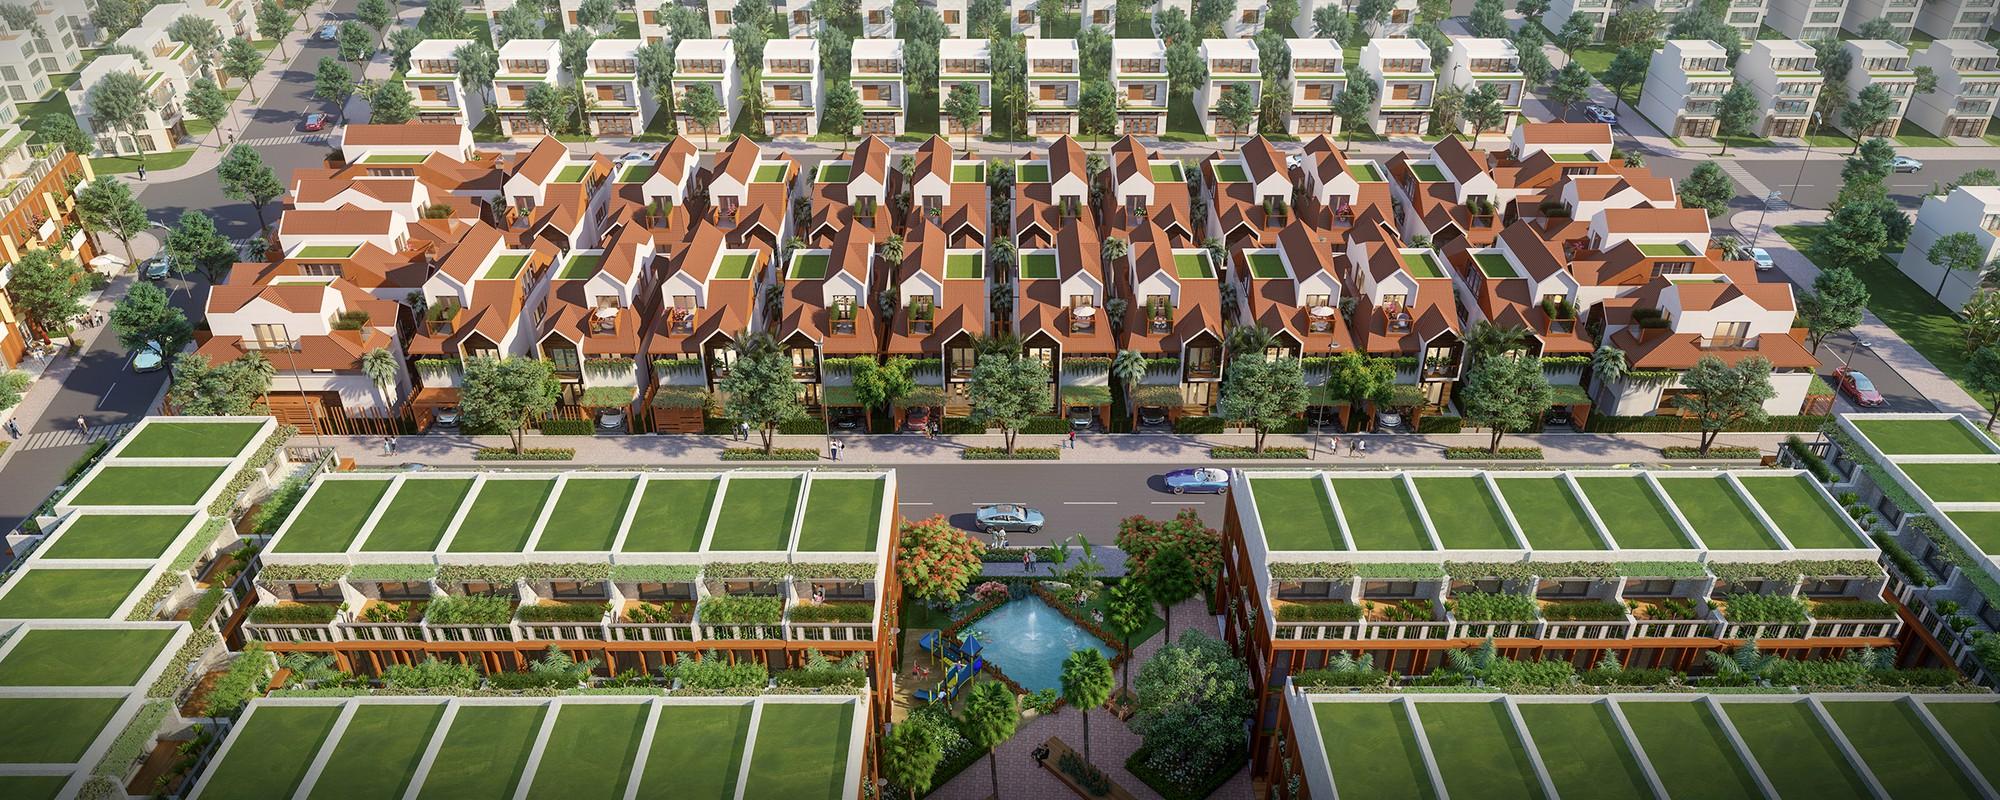 """Quy hoạch """"Thành phố sân bay"""" tại Long Thành sẽ mở ra bài toán đầu tư bất động sản Đồng Nai? - Ảnh 8."""